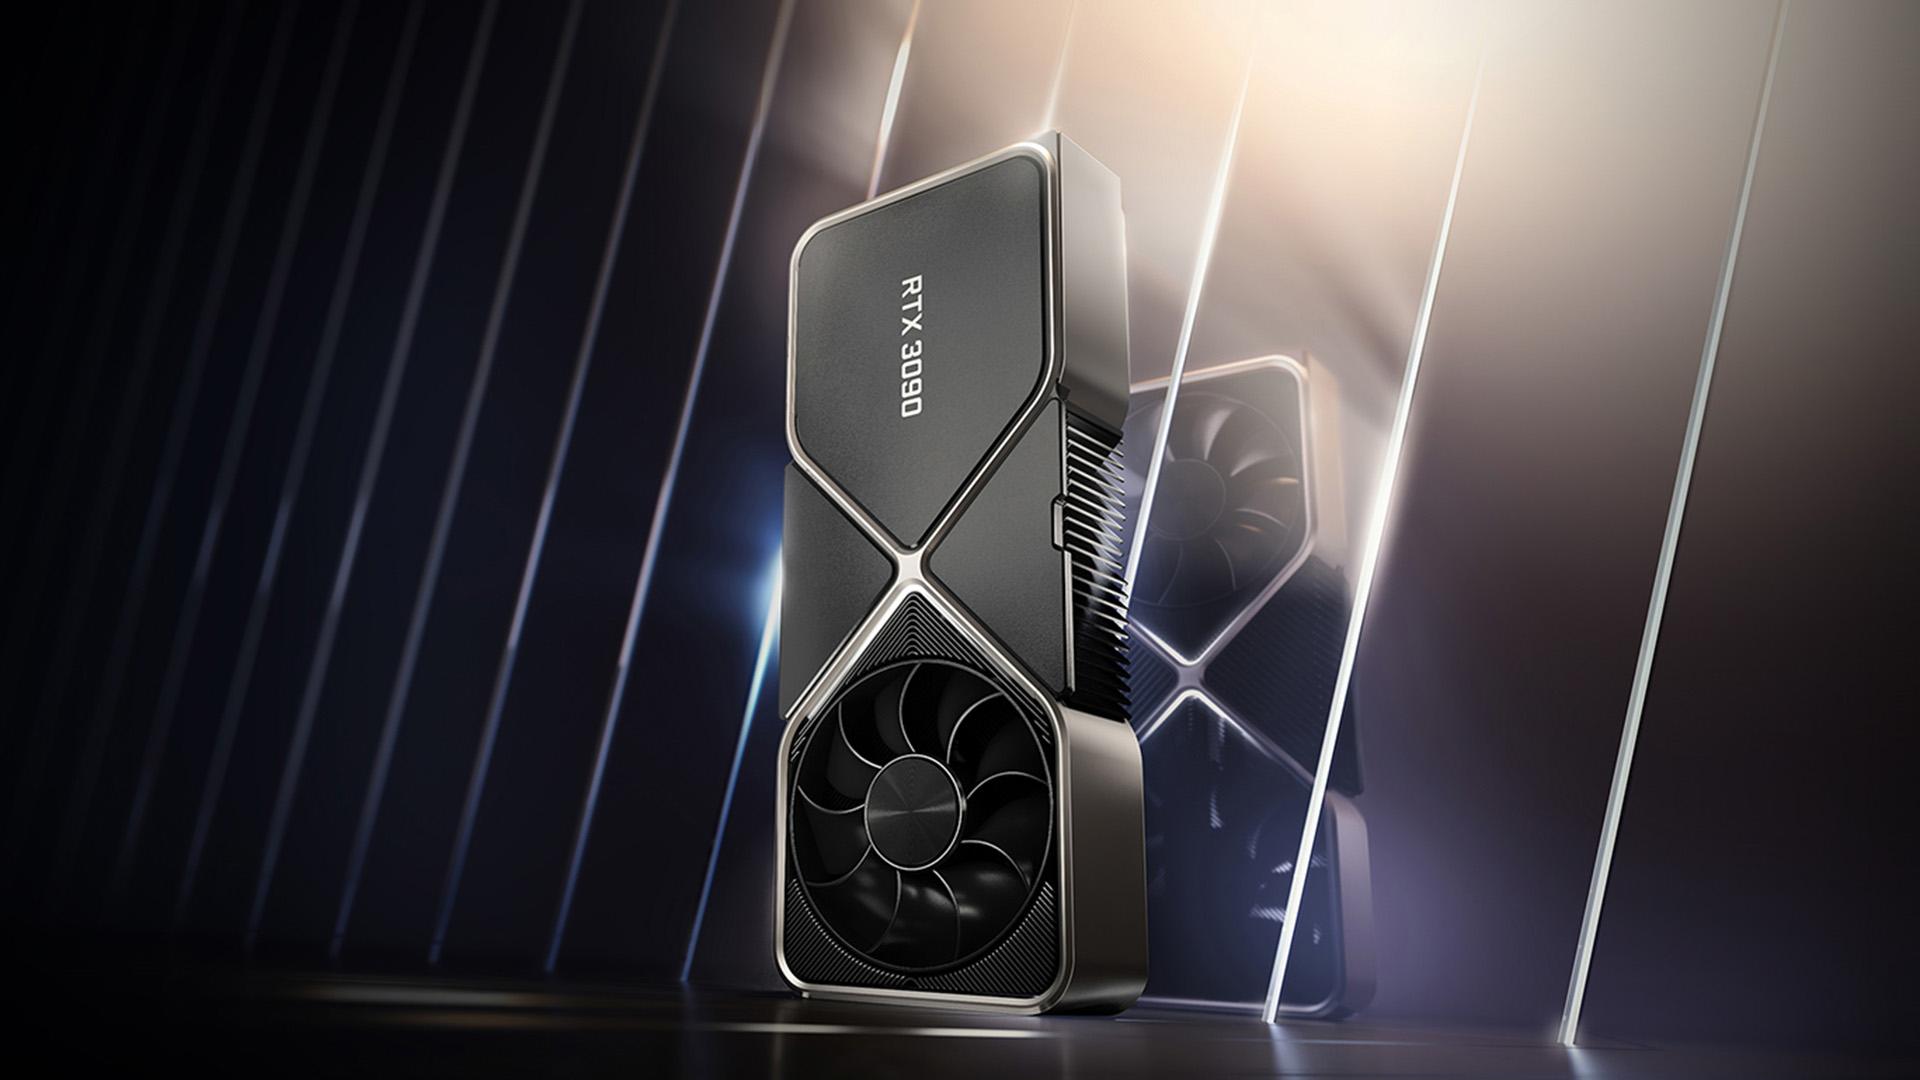 Nvidia's monster RTX3090 GPU. Image: Nvidia.